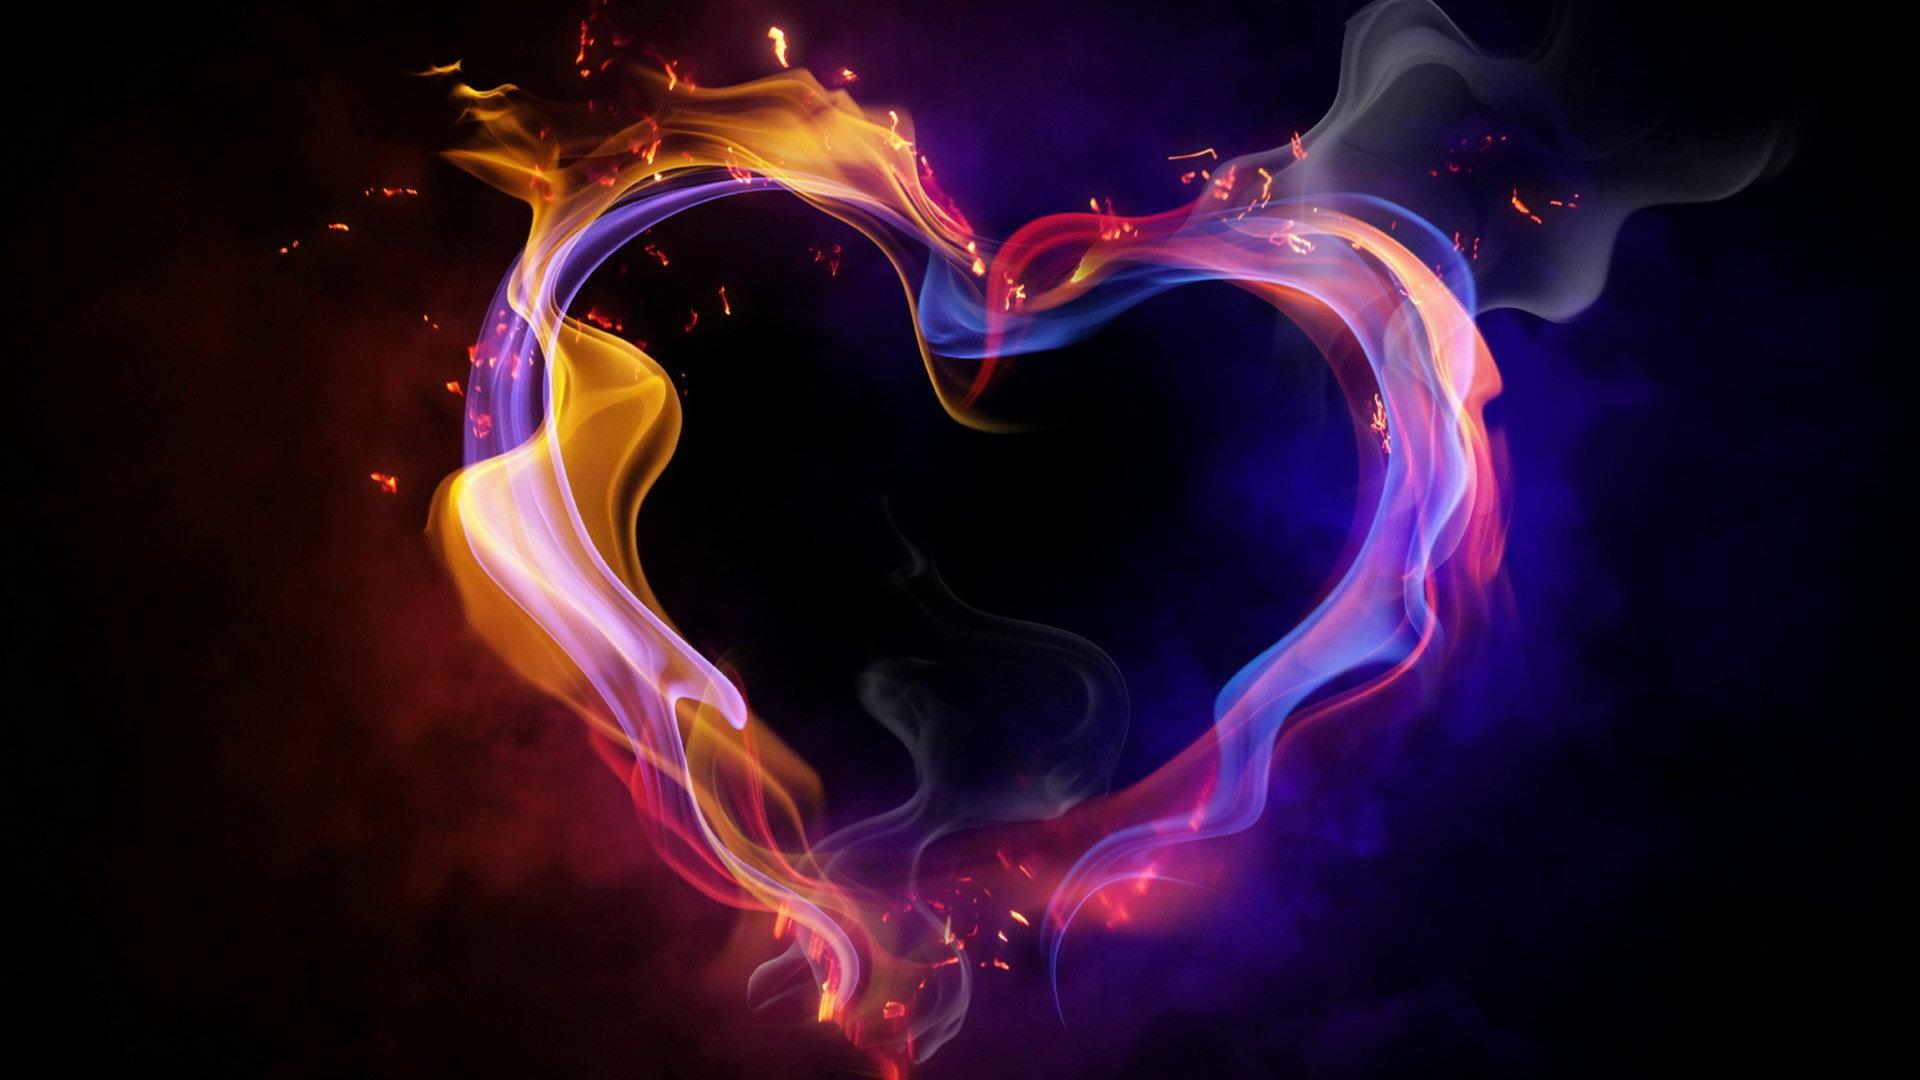 Fire Heart Wallpaper